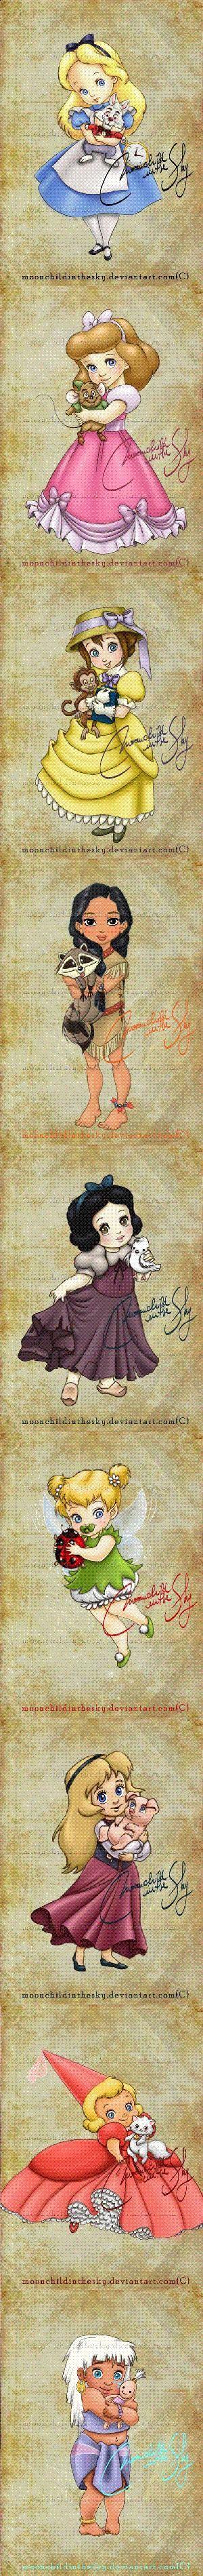 Disney Prinzessinnen 2 - von DeviantArt. In Zeile: Alice, Cinderella, Jane, Pocahontas, Snow White, Tinkerbell, Eilonwy, Lottie und Kida. Viel mehr schöne Dinge zu sehen - 2486